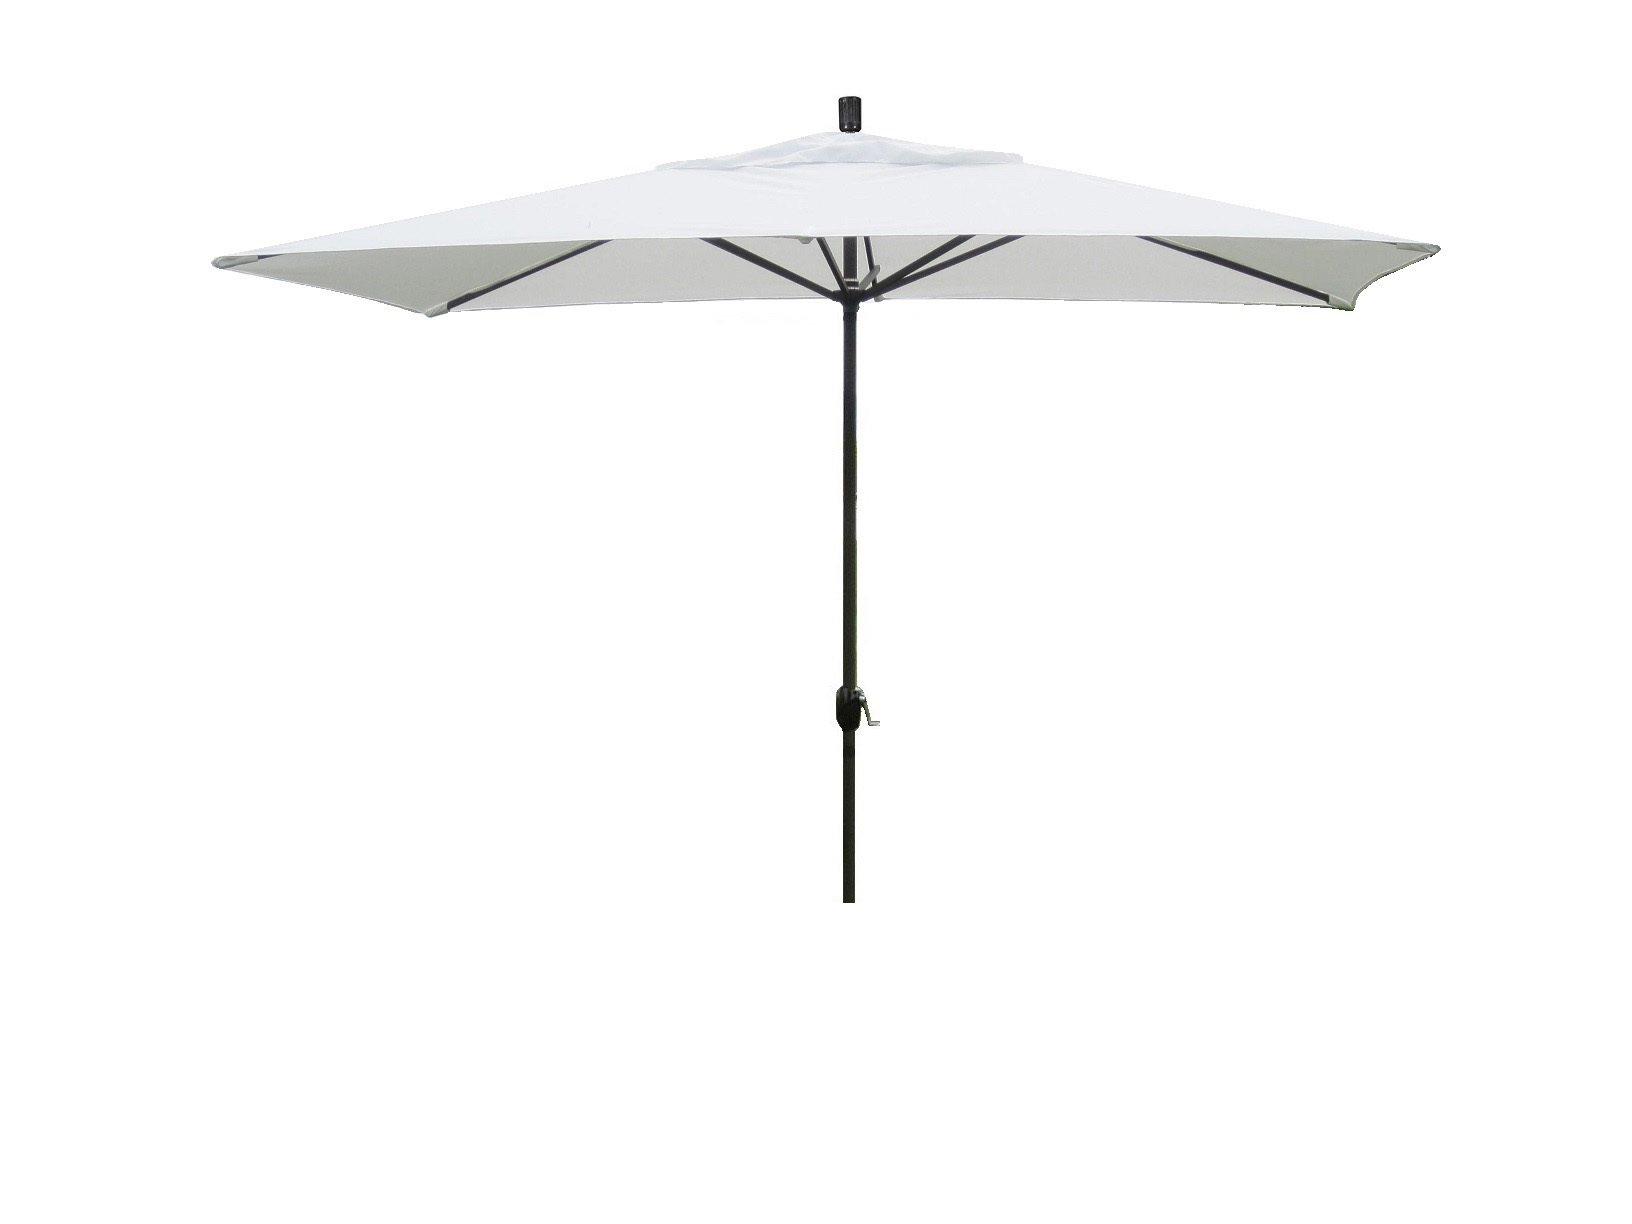 Gries Rectangular Market Umbrellas With Regard To Latest Northfleet 10' X 6' Rectangular Market Umbrella (Gallery 5 of 20)